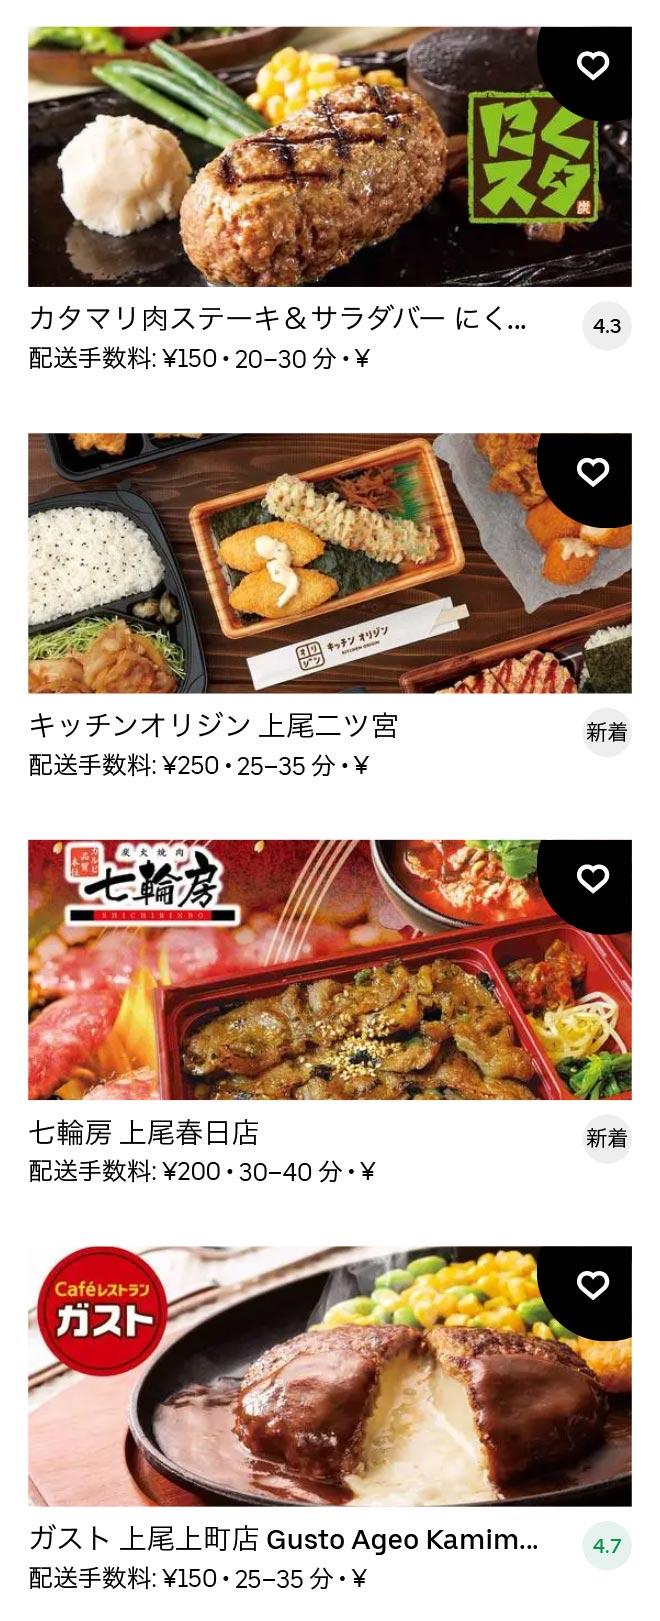 Ageo menu 2012 05